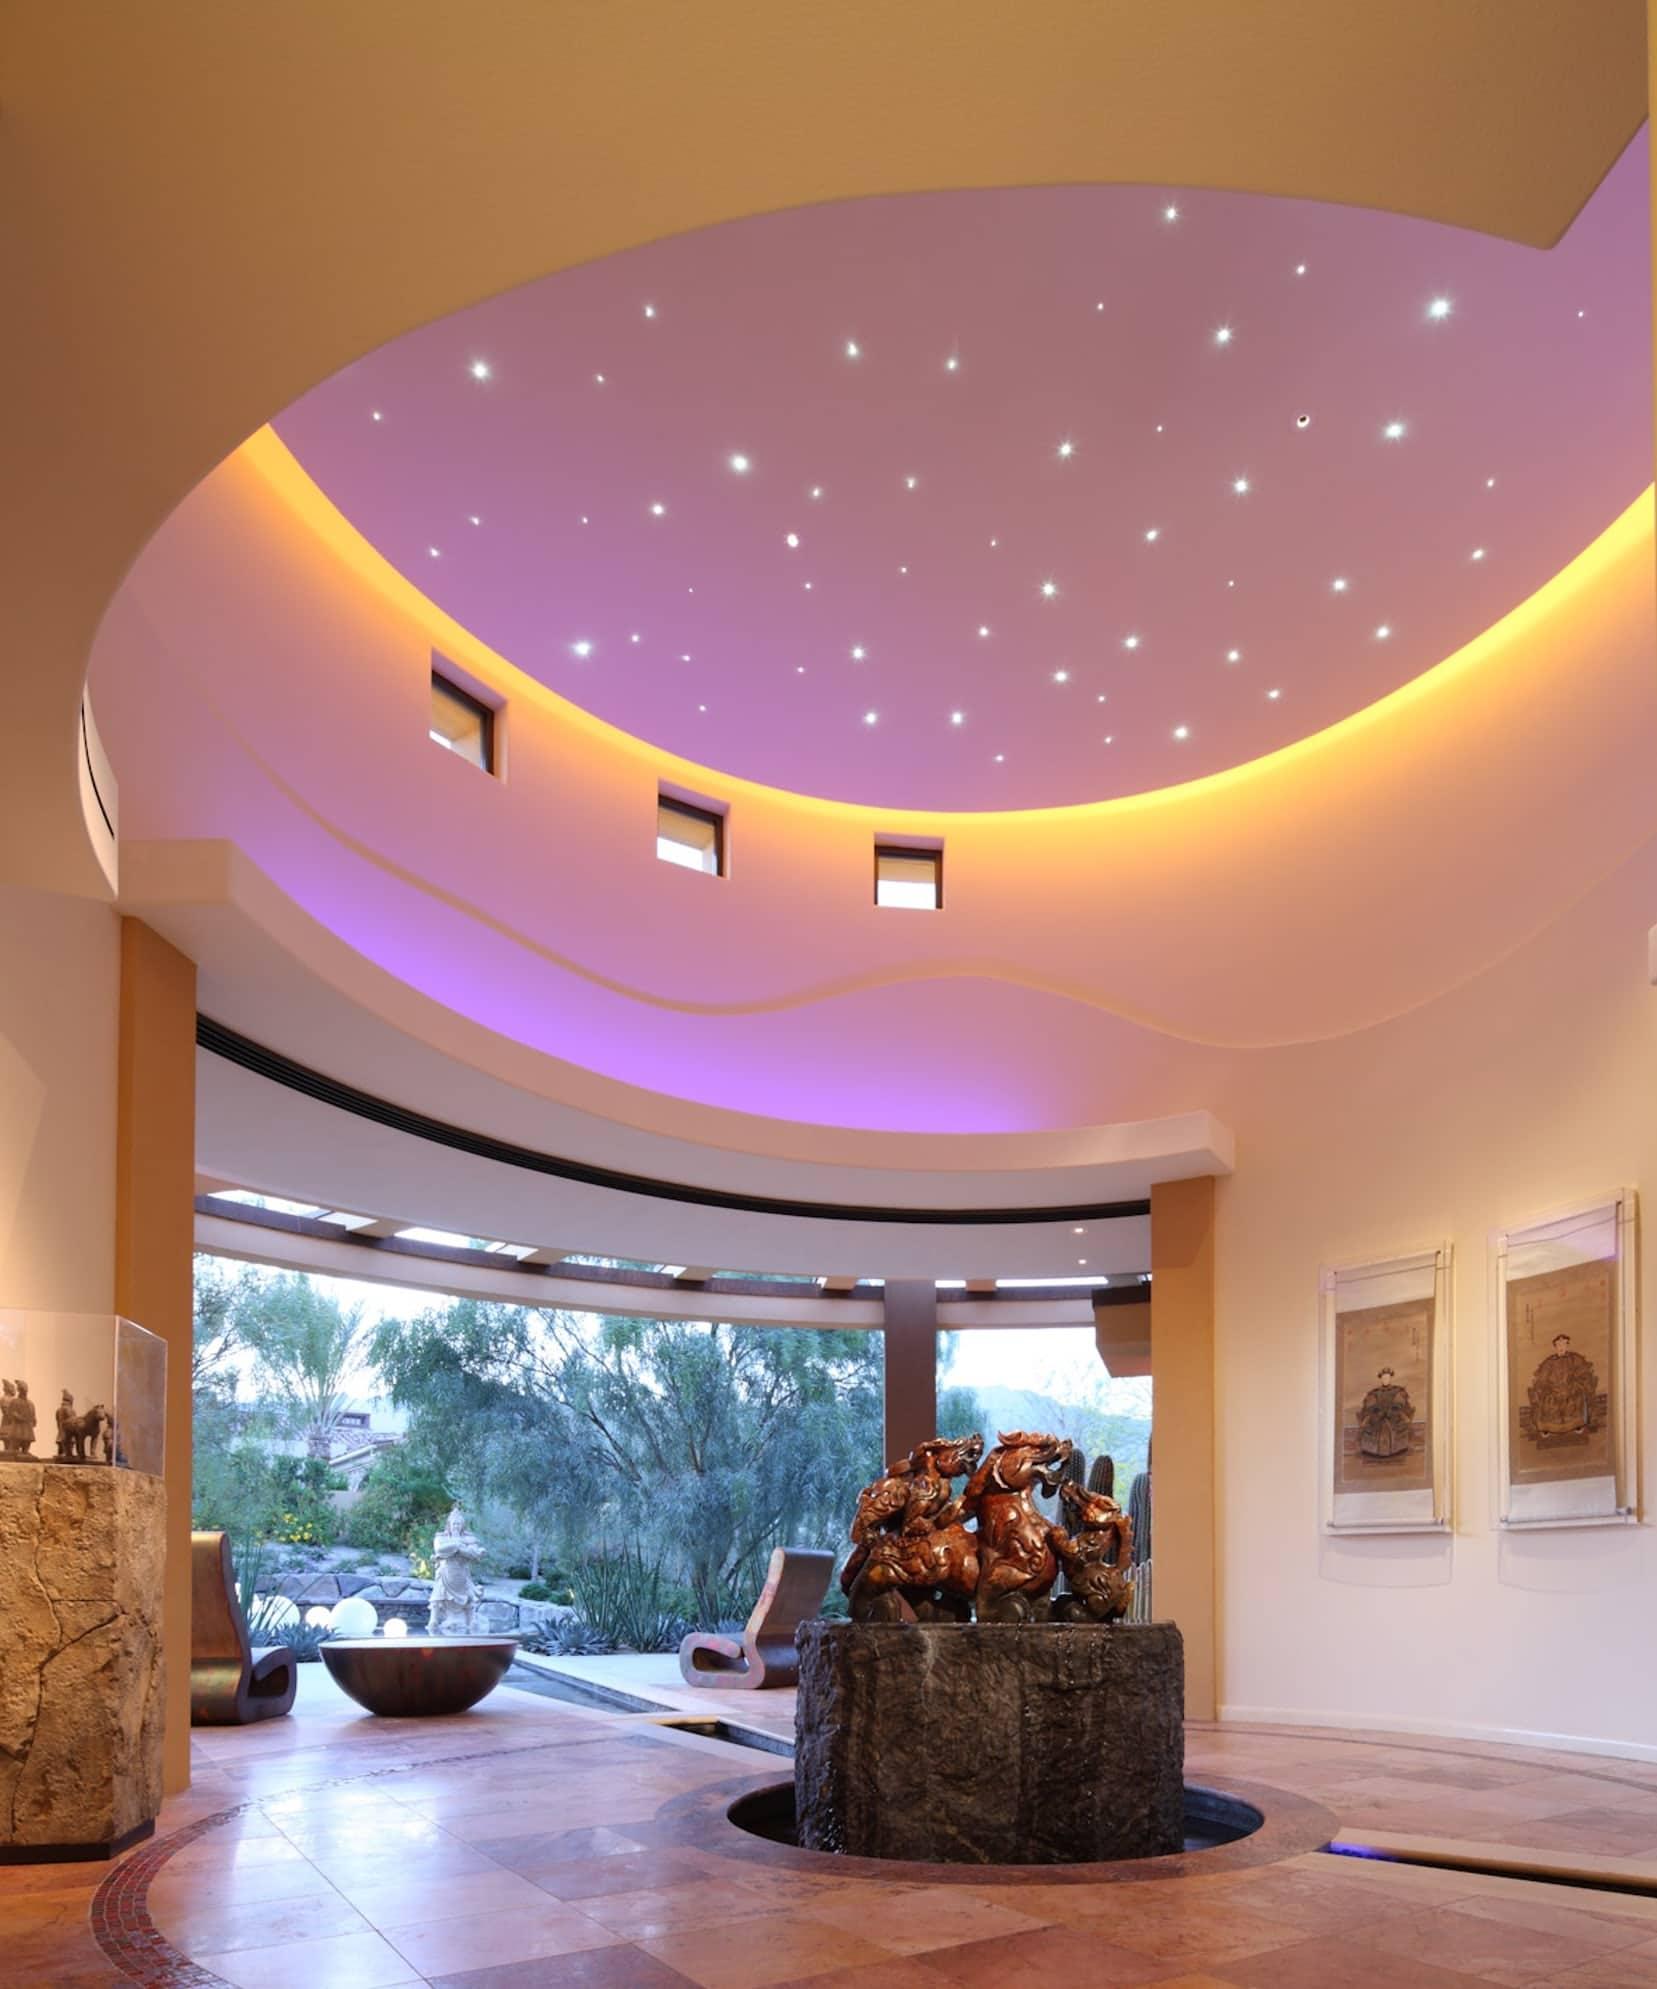 Дизайн интерьера выполнен в японском стиле, просторный холл без острых углов с высоким потолком